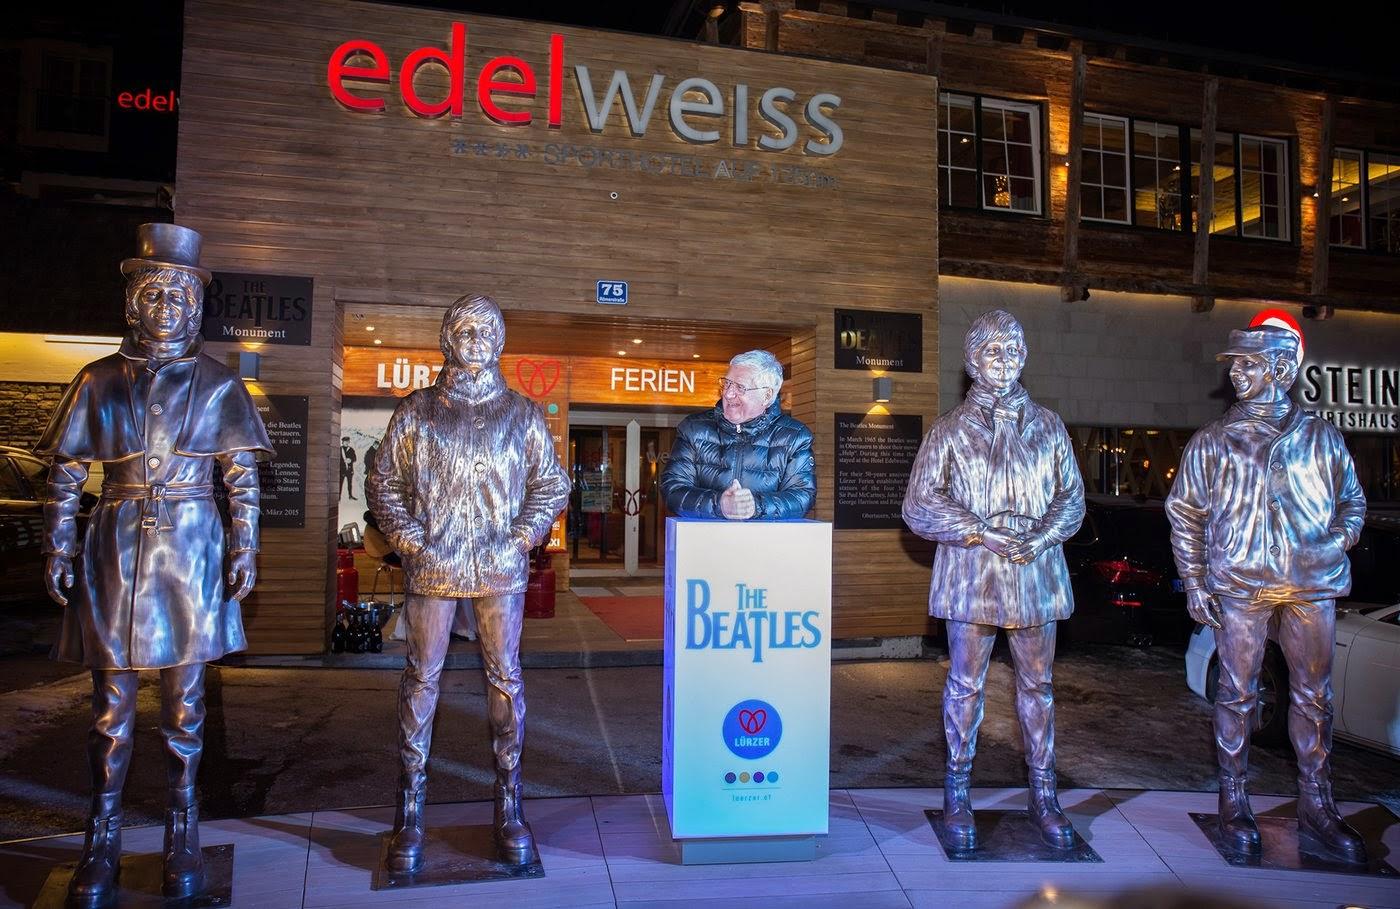 The Beatles Polska: W Austrii odsłonięto pomnik i instalacje The Beatles